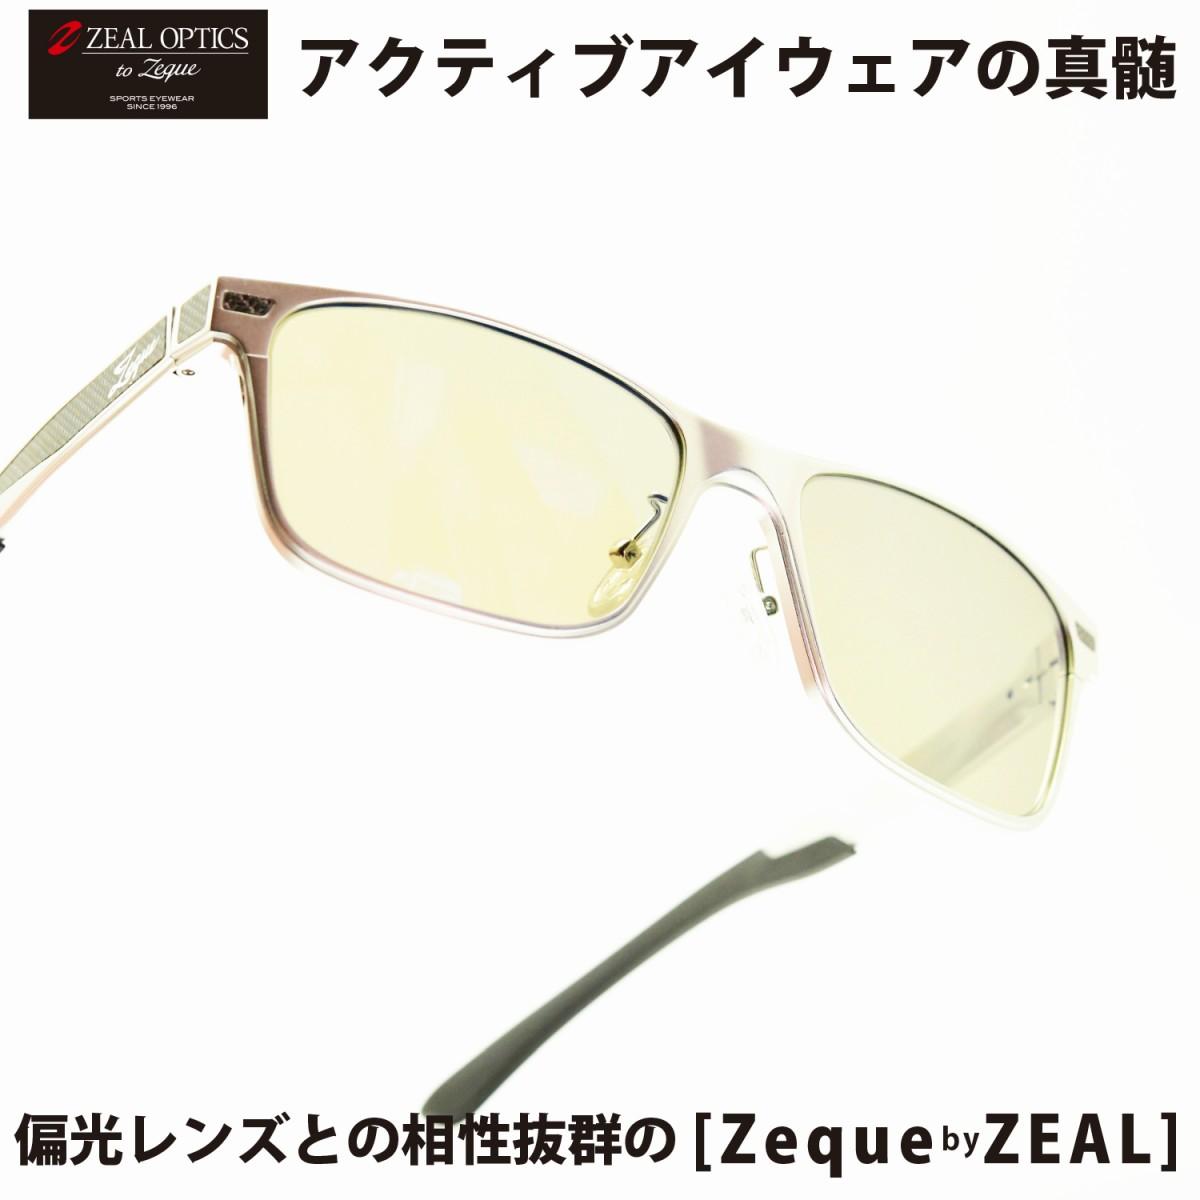 画像1: Zeque by ZEAL OPTICS ゼクーバイシールオプティックス DECK デック SILVER/TRUEVIEW SPORTS BLUE MIRROR (1)